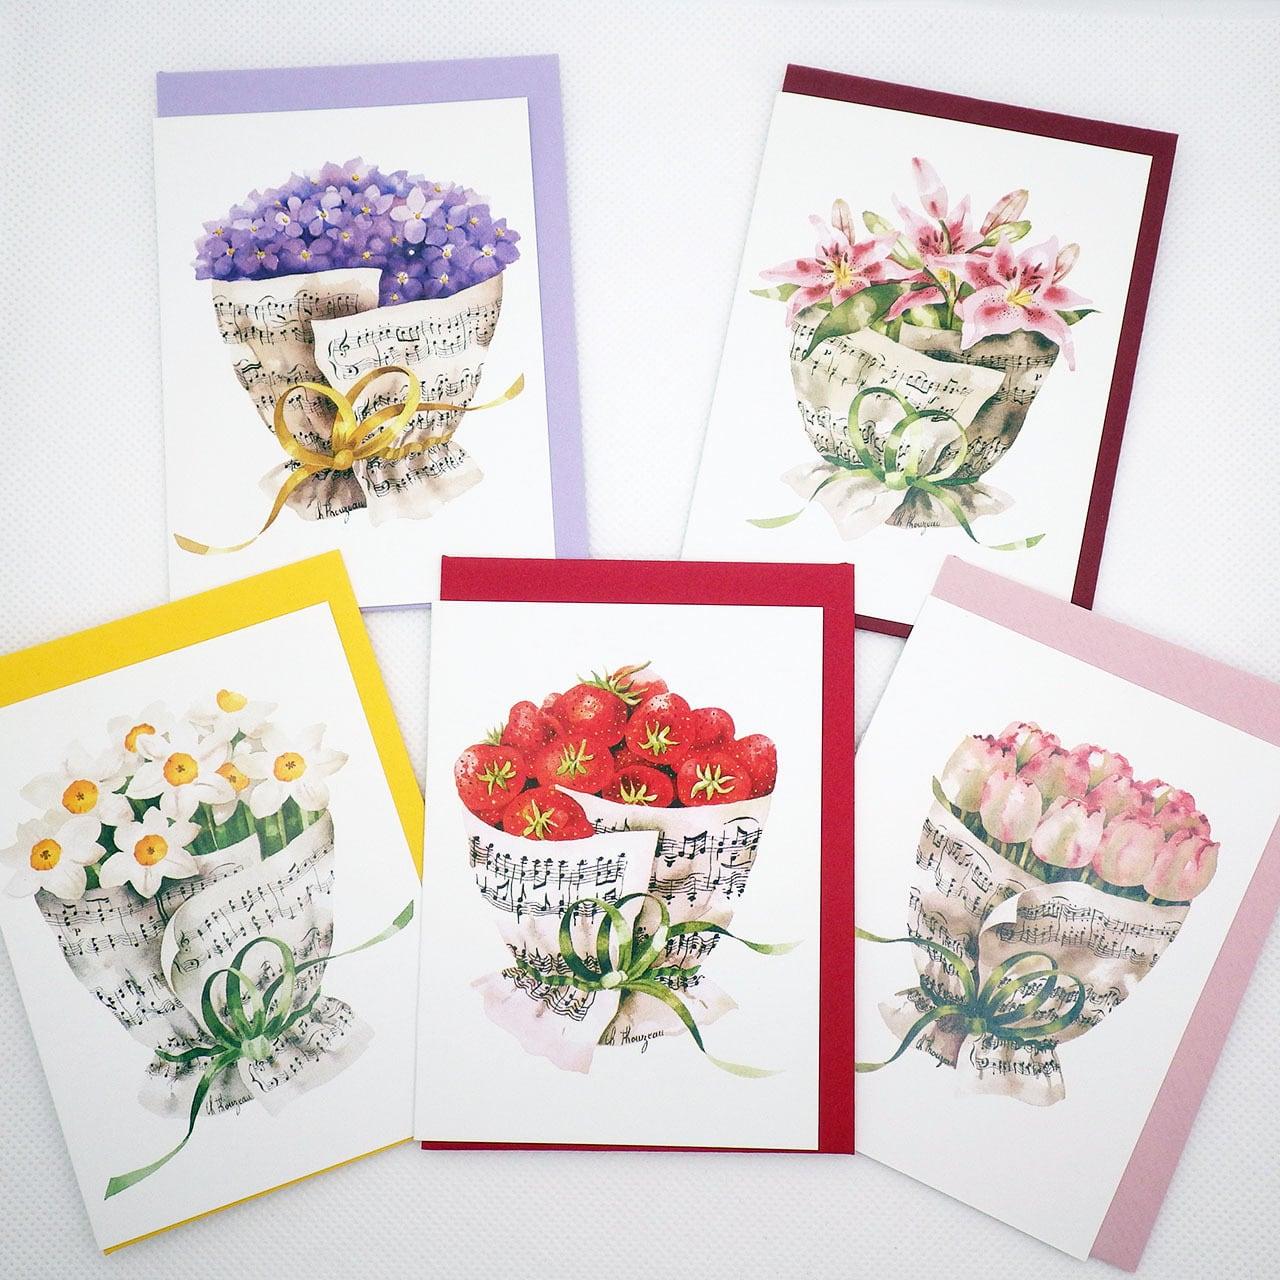 音楽の花束【ストロベリー】 メッセージカード5枚セット ドイツ製